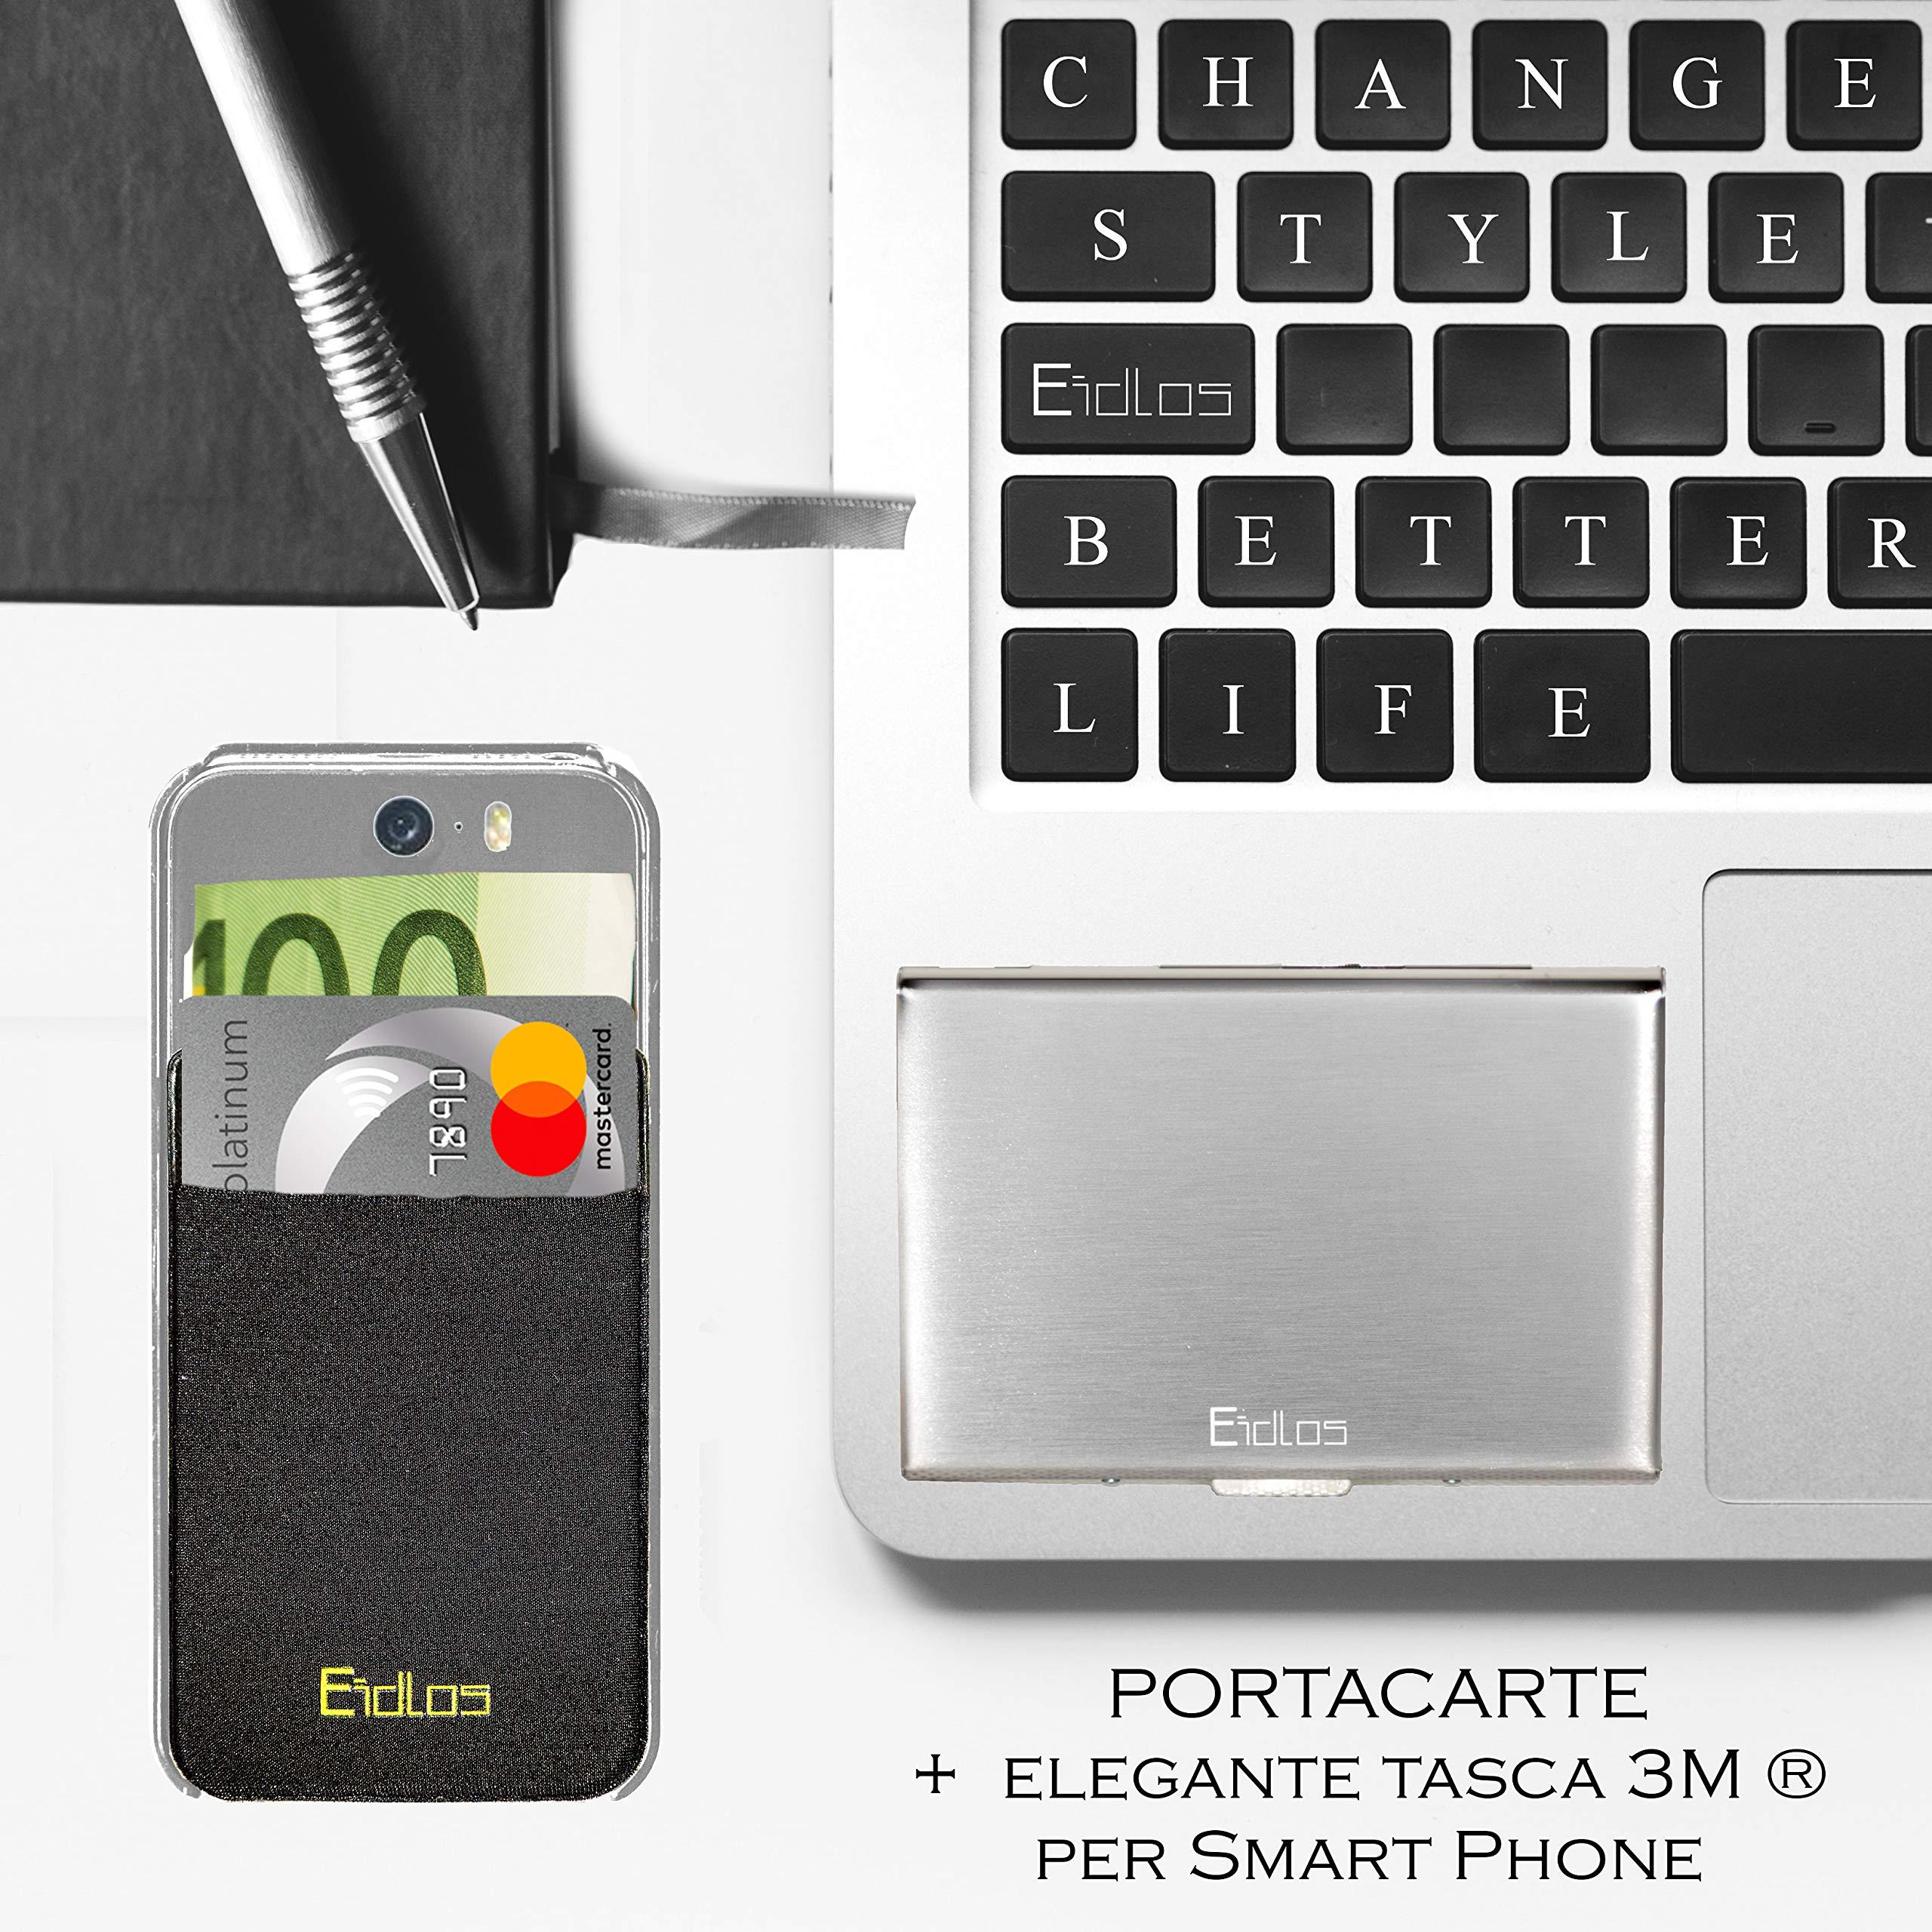 cab0f07884 Portafoglio e Porta carte di credito schermato rfid nfc uomo, Portacarte e  banconote piccolo, portafogli e Idee regalo porta documenti